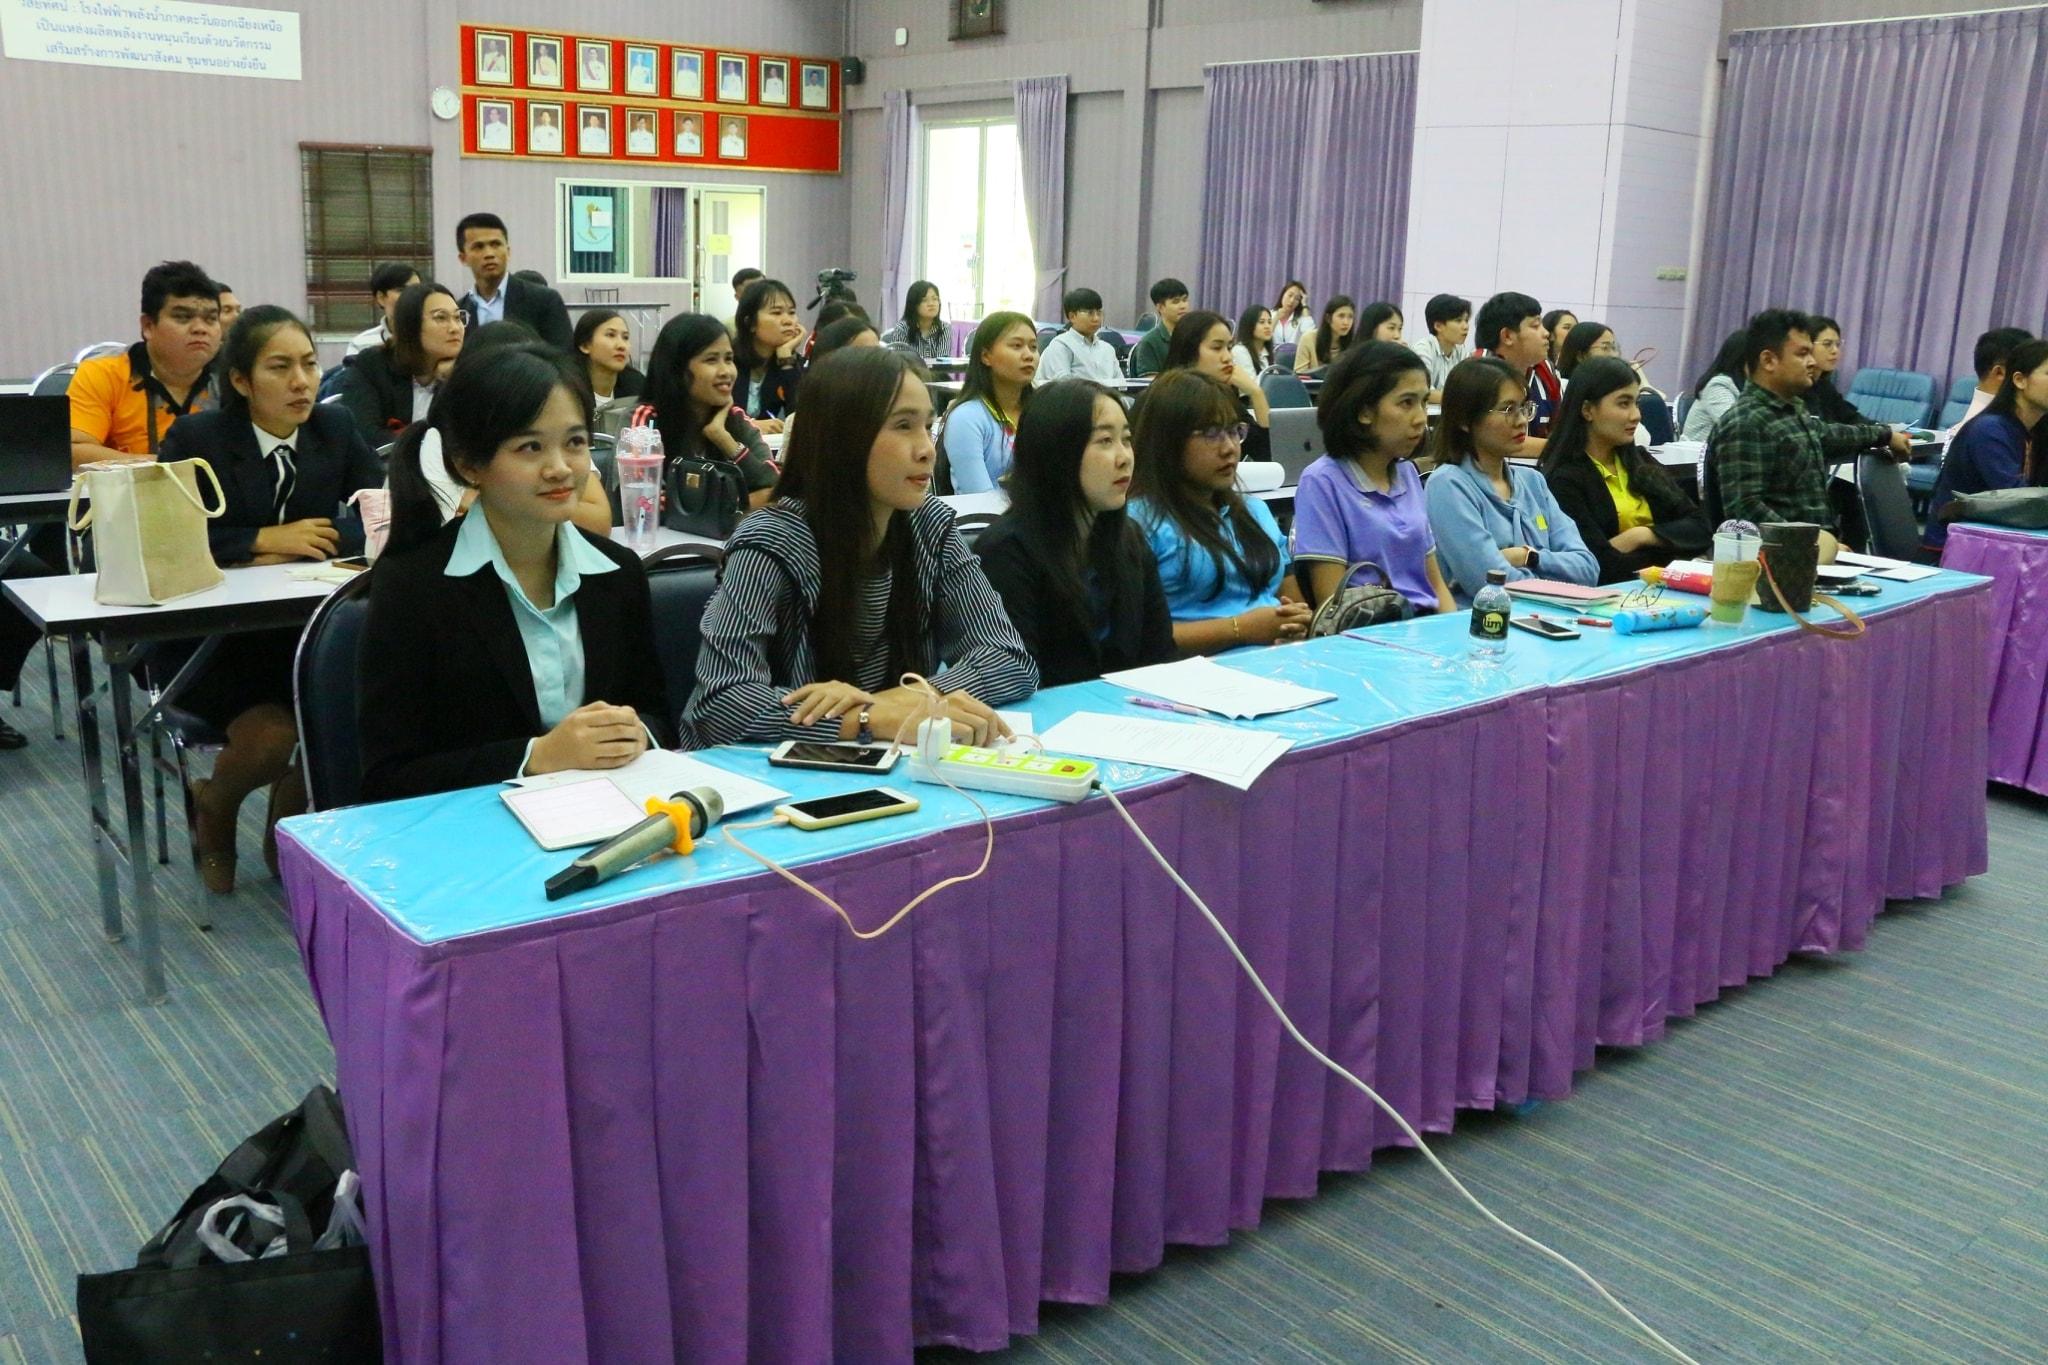 โครงการสัมมนานักศึกษาปฏิบัติการสังเกตและทดลองสอน นศ.ป.โท สังคมศึกษา